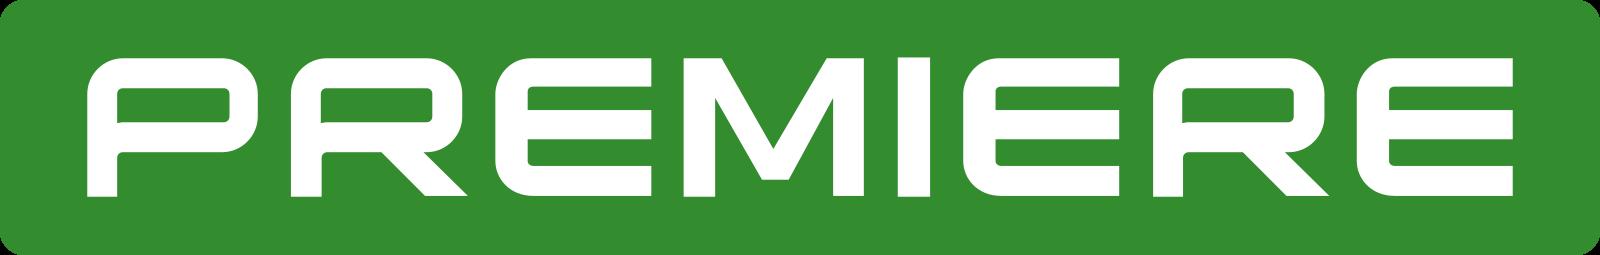 premiere fc logo.